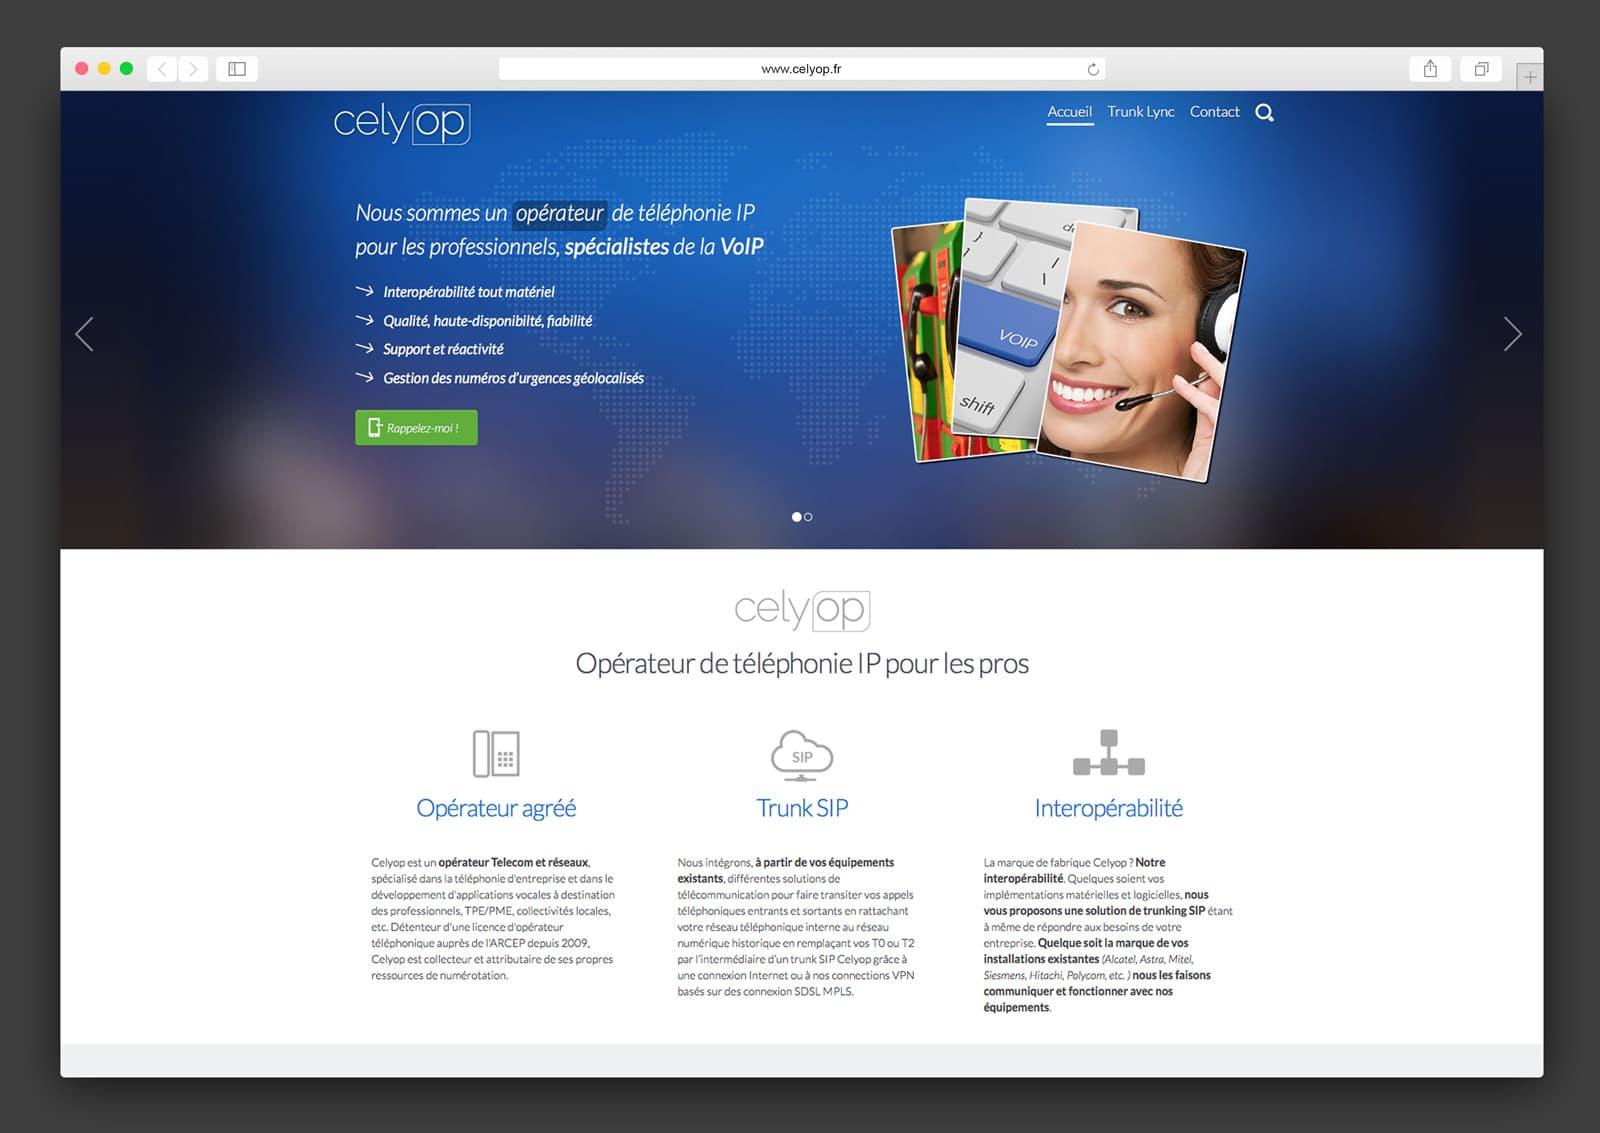 Page d'accueil du site Celyop